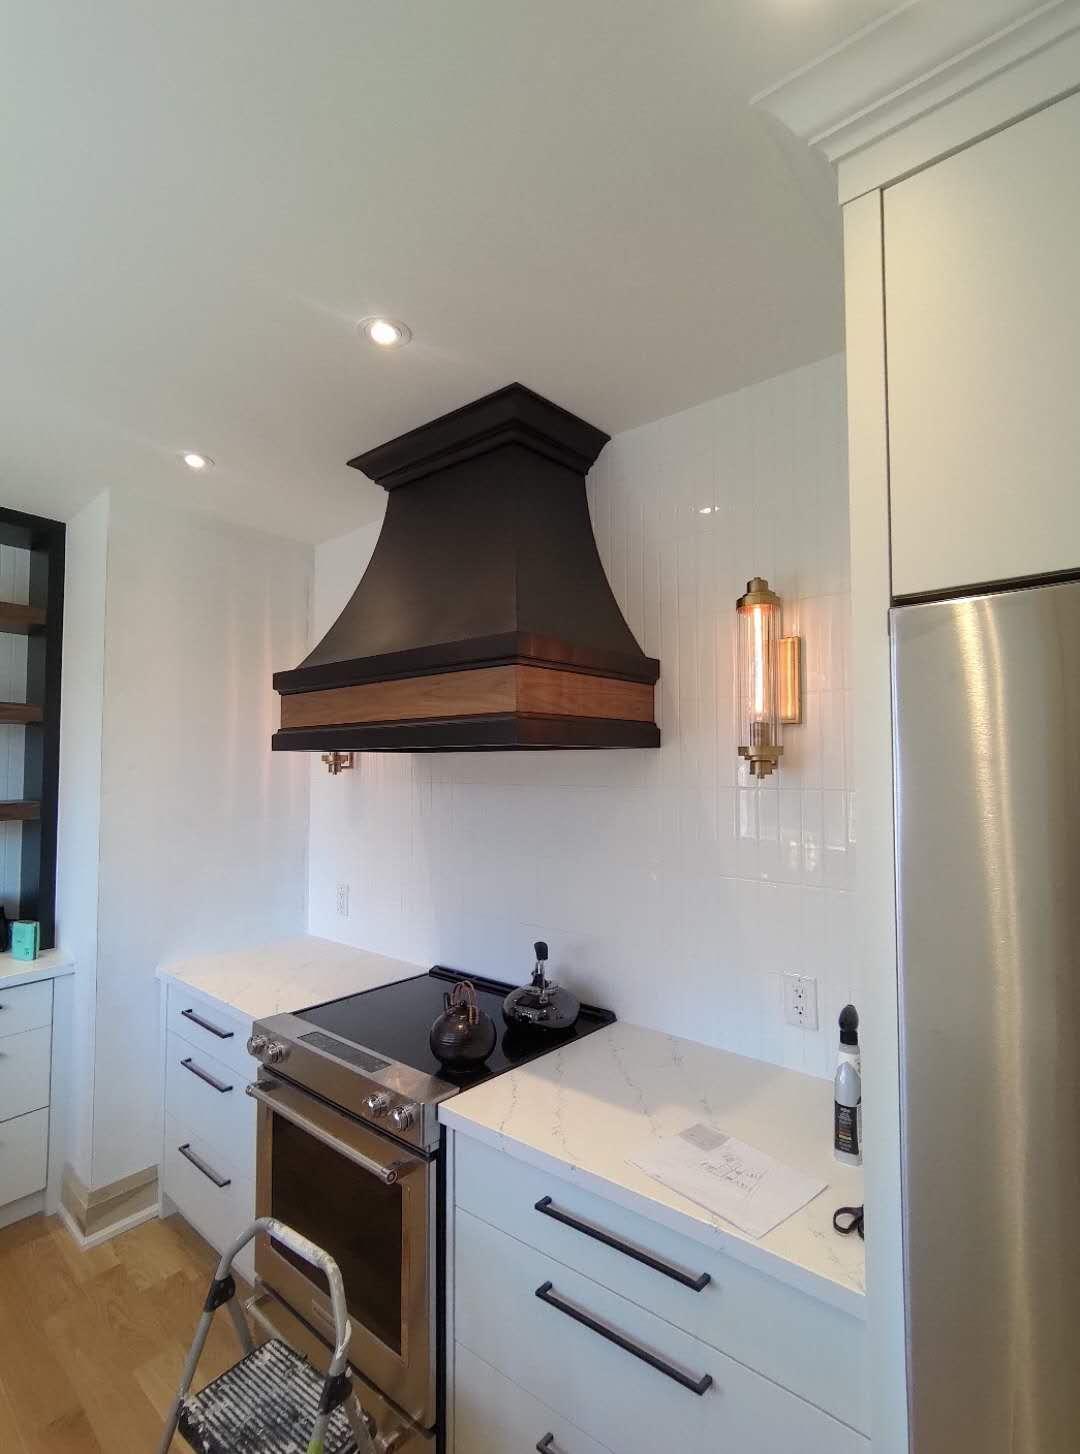 Special Designed Dark wooden kitchen ventilator